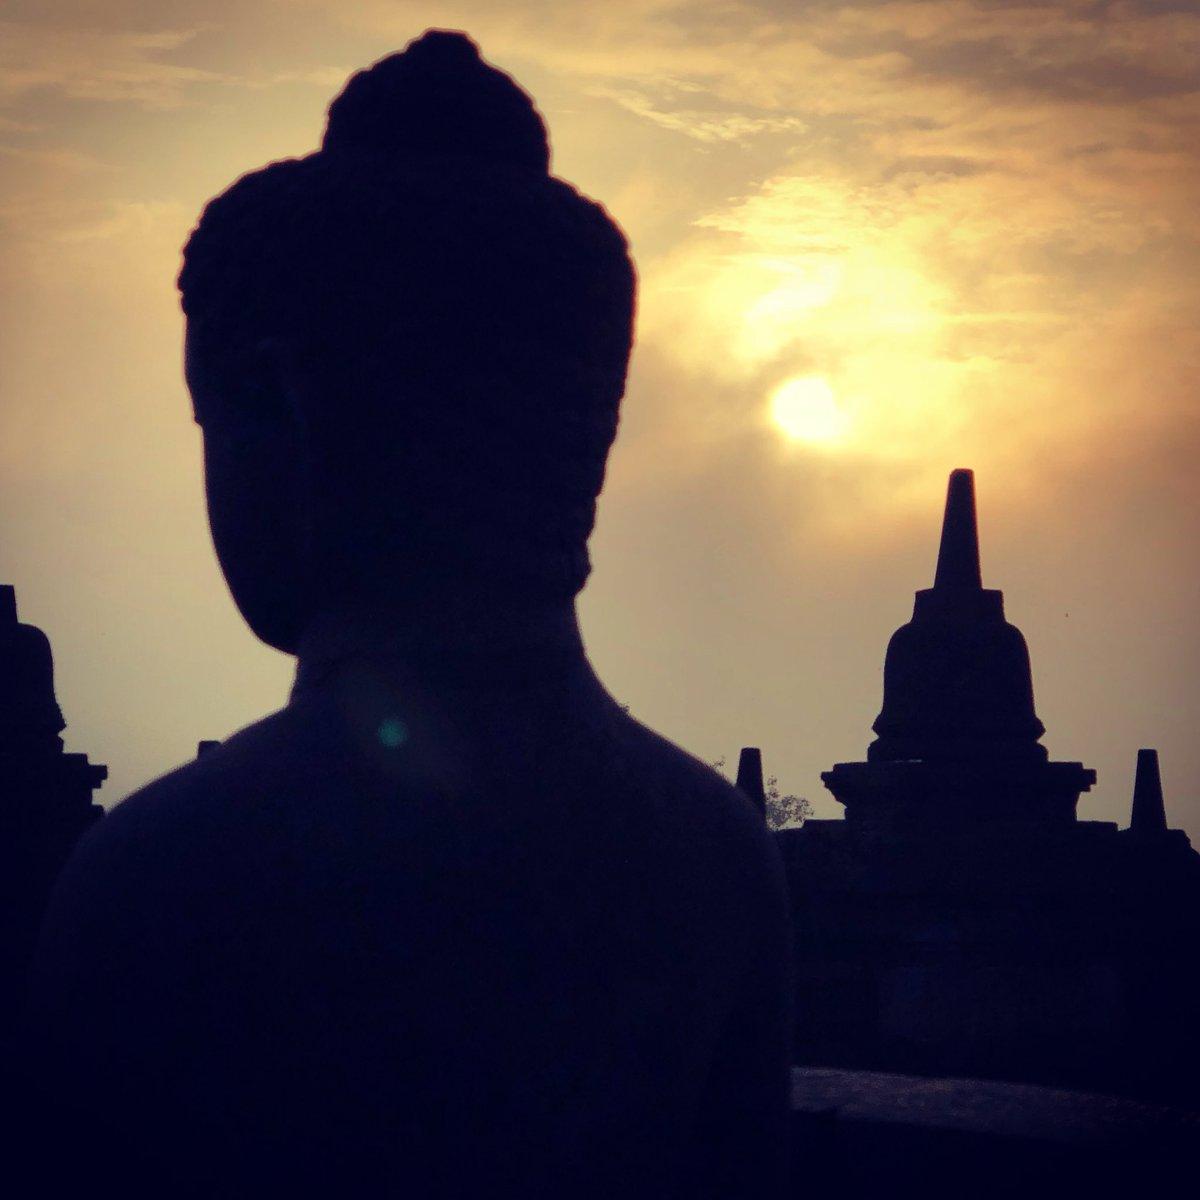 Amanecer en Borobudur, complejo de stupa budista en la montaña. Patrimonio de la humanidad de la UNESCO.  Vale la pena ver la salida del sol en este lugar.  🙏🏻🌍🌎🌏 Indonesia